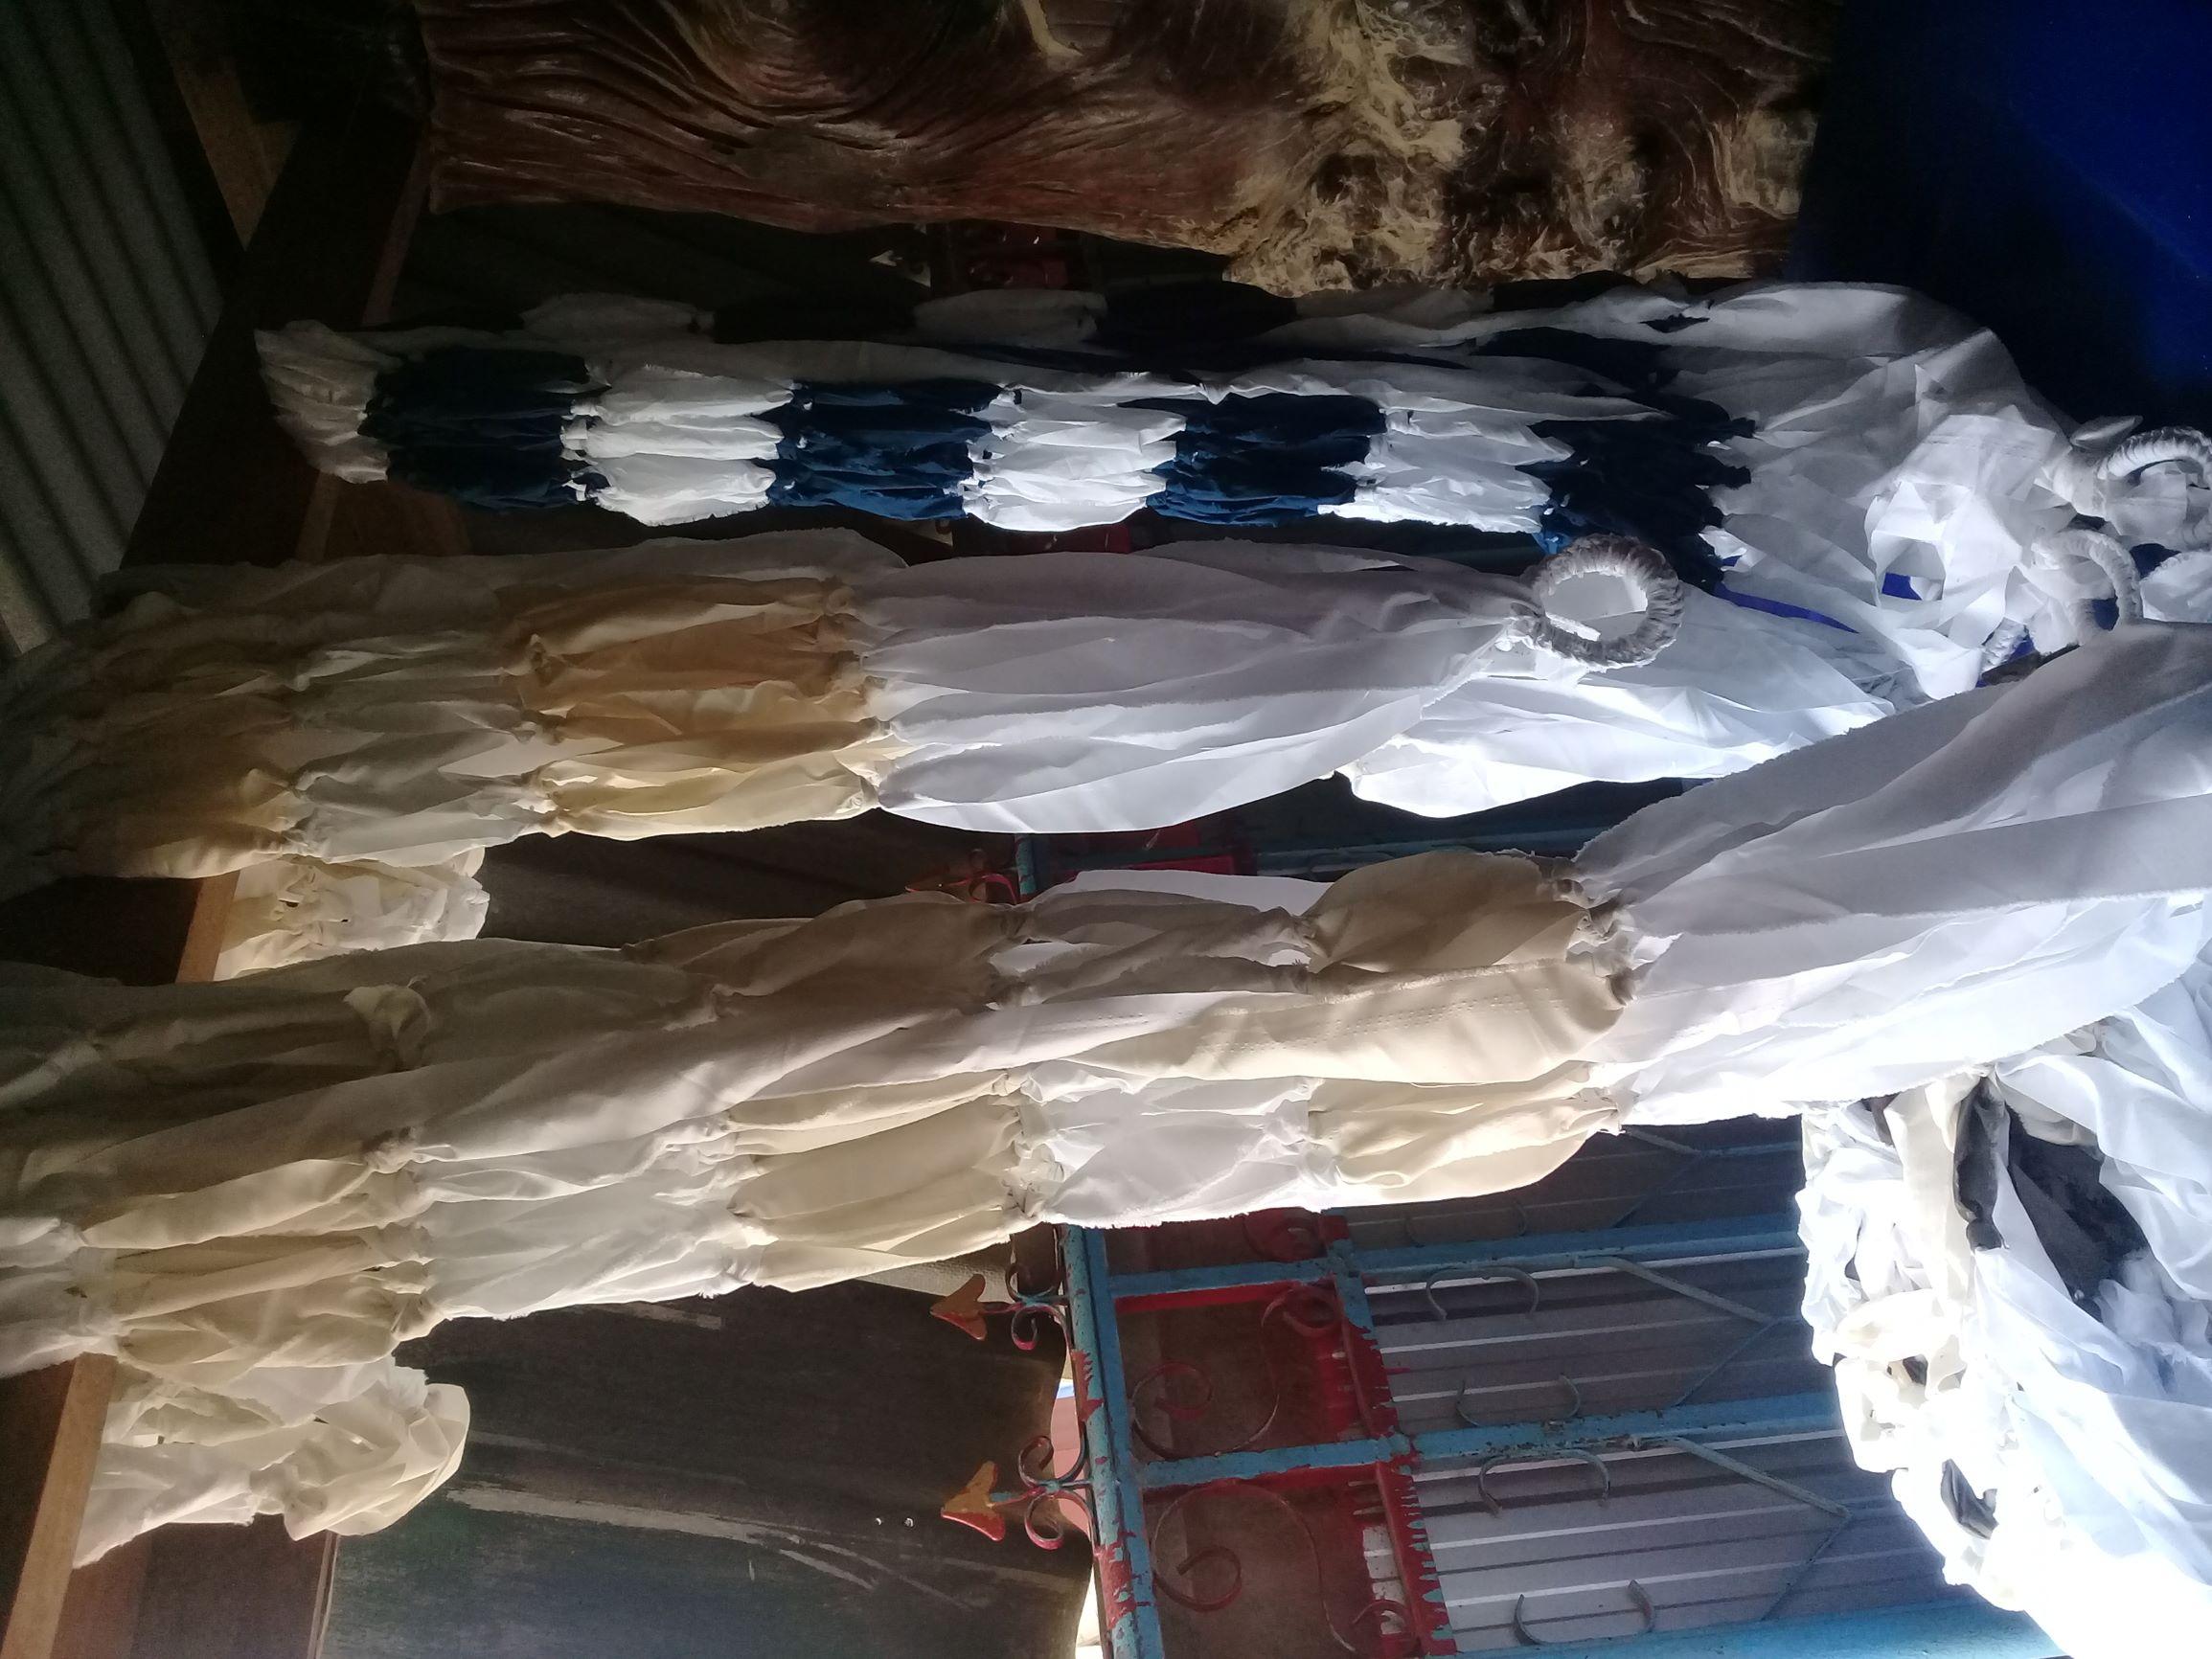 เปลเชือกจากผ้า (1 ชุด มี 4 ชิ้น)